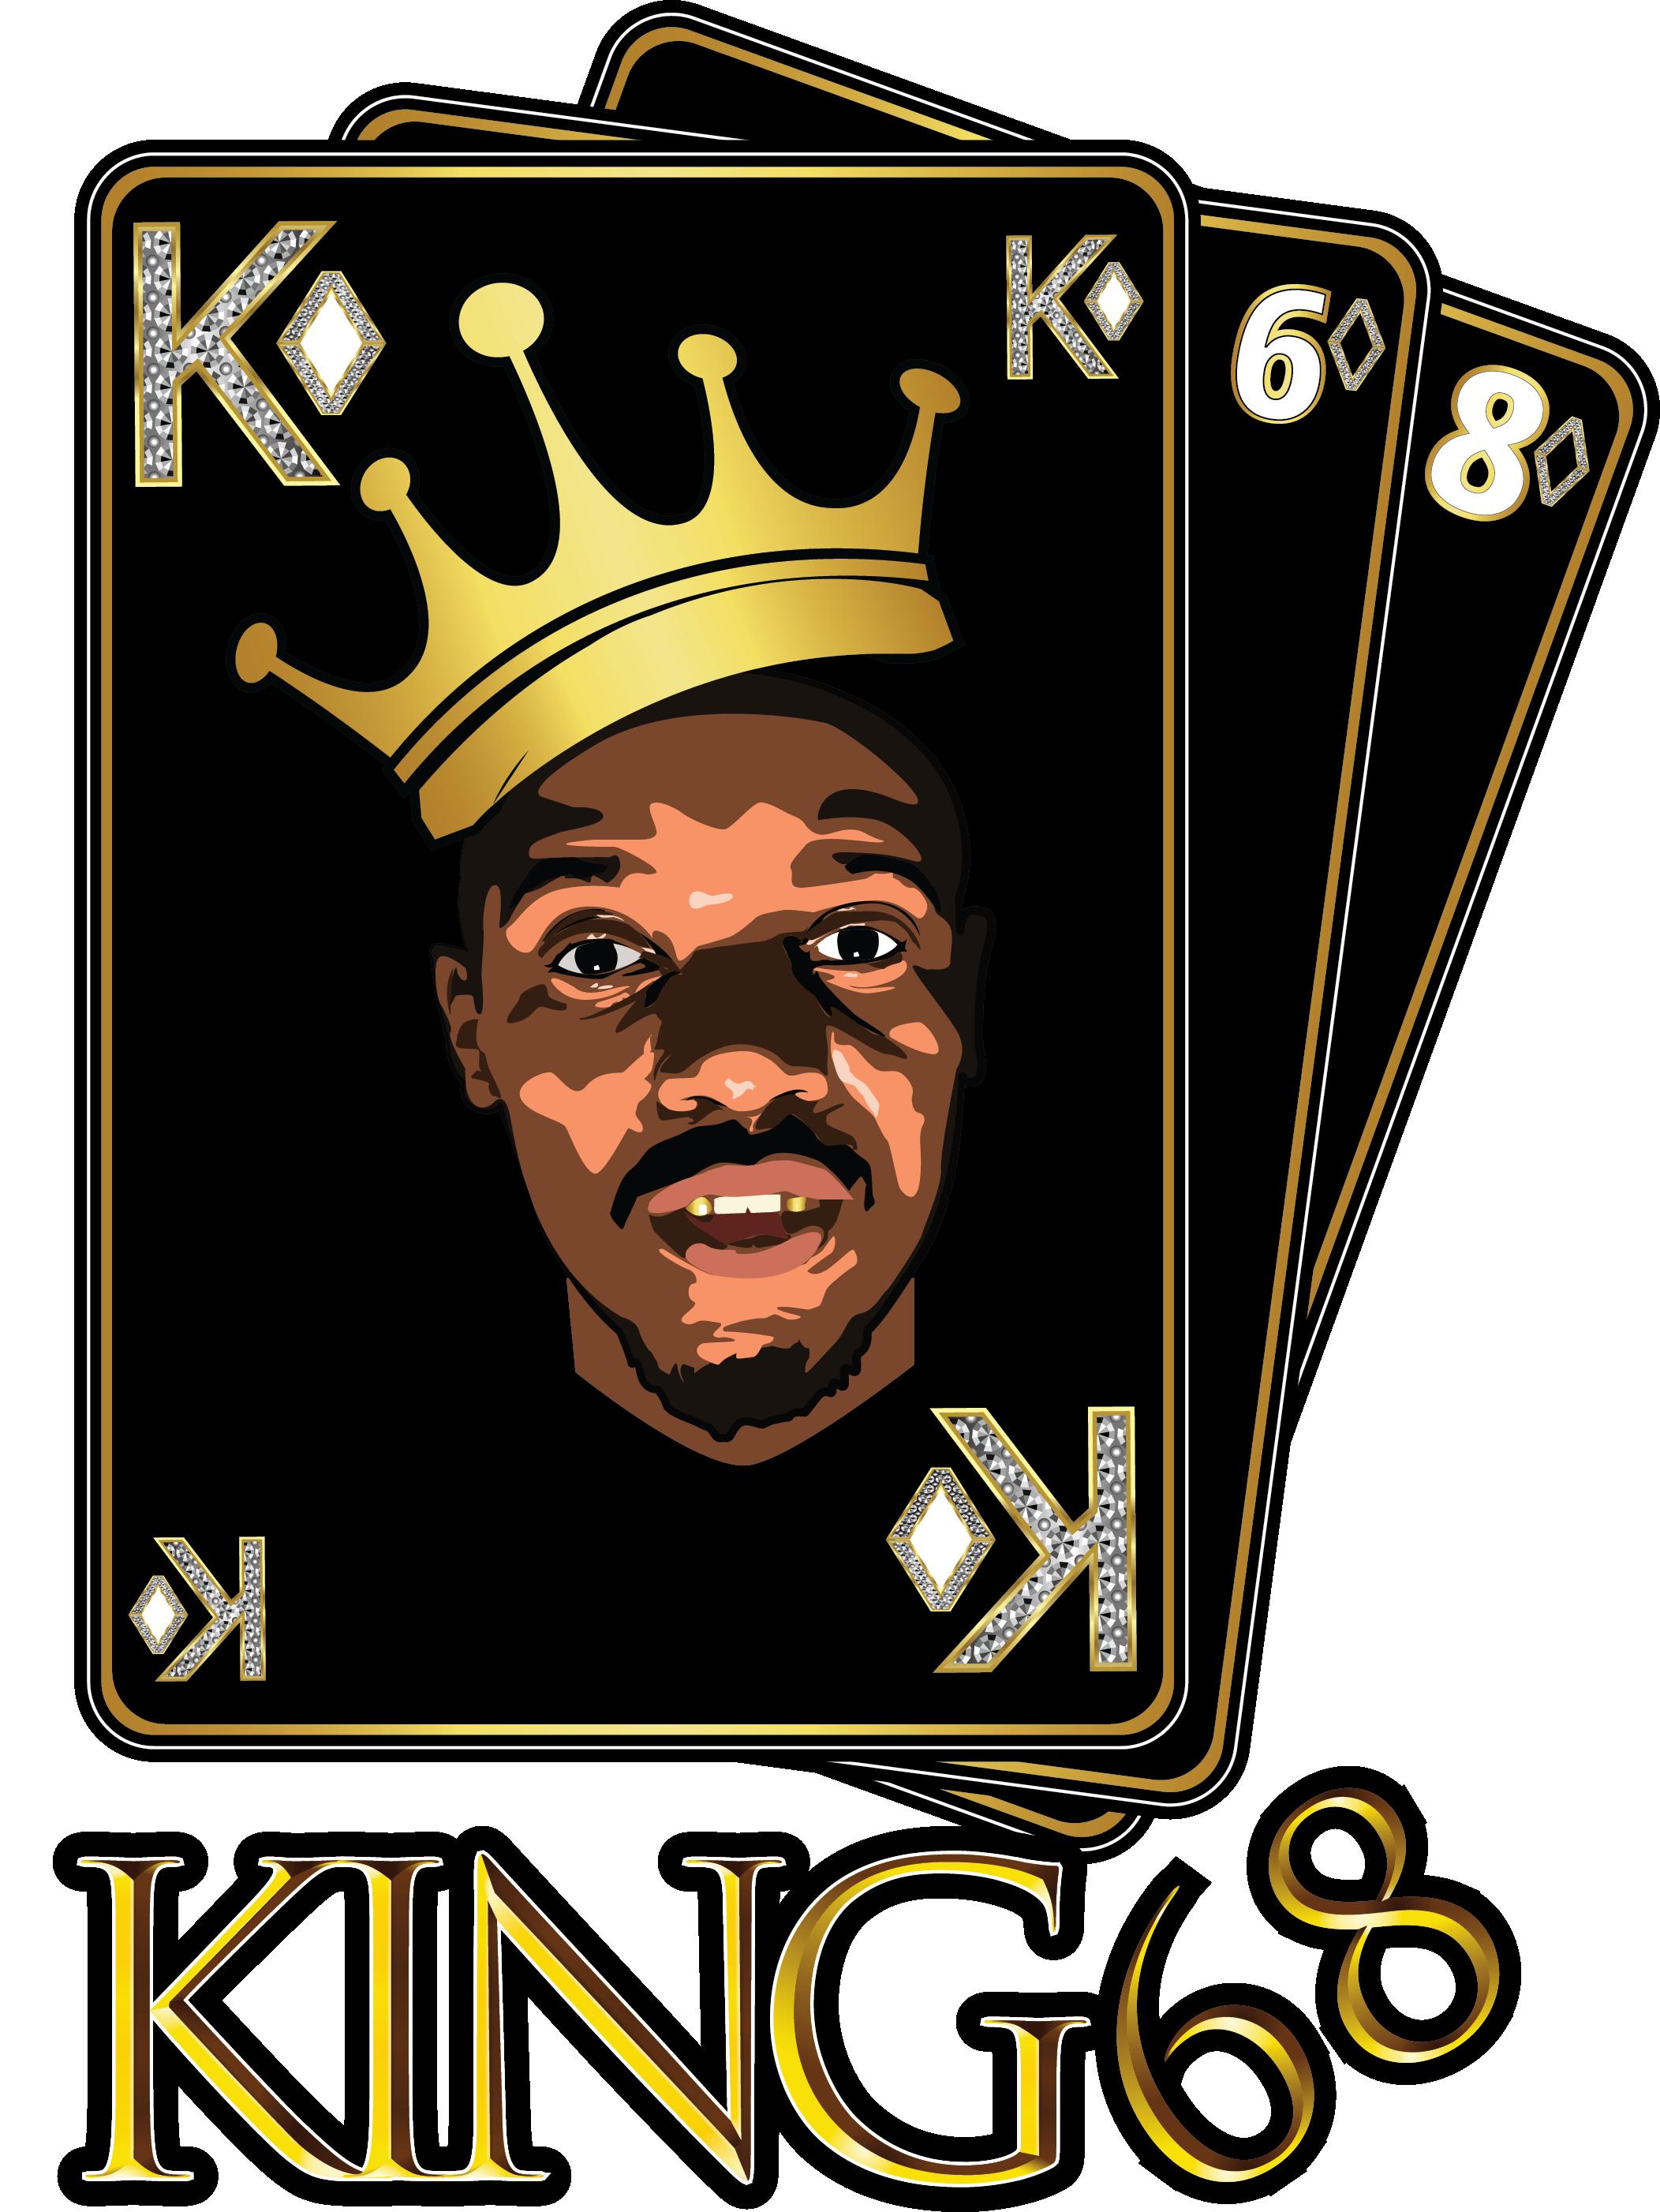 king-6-8